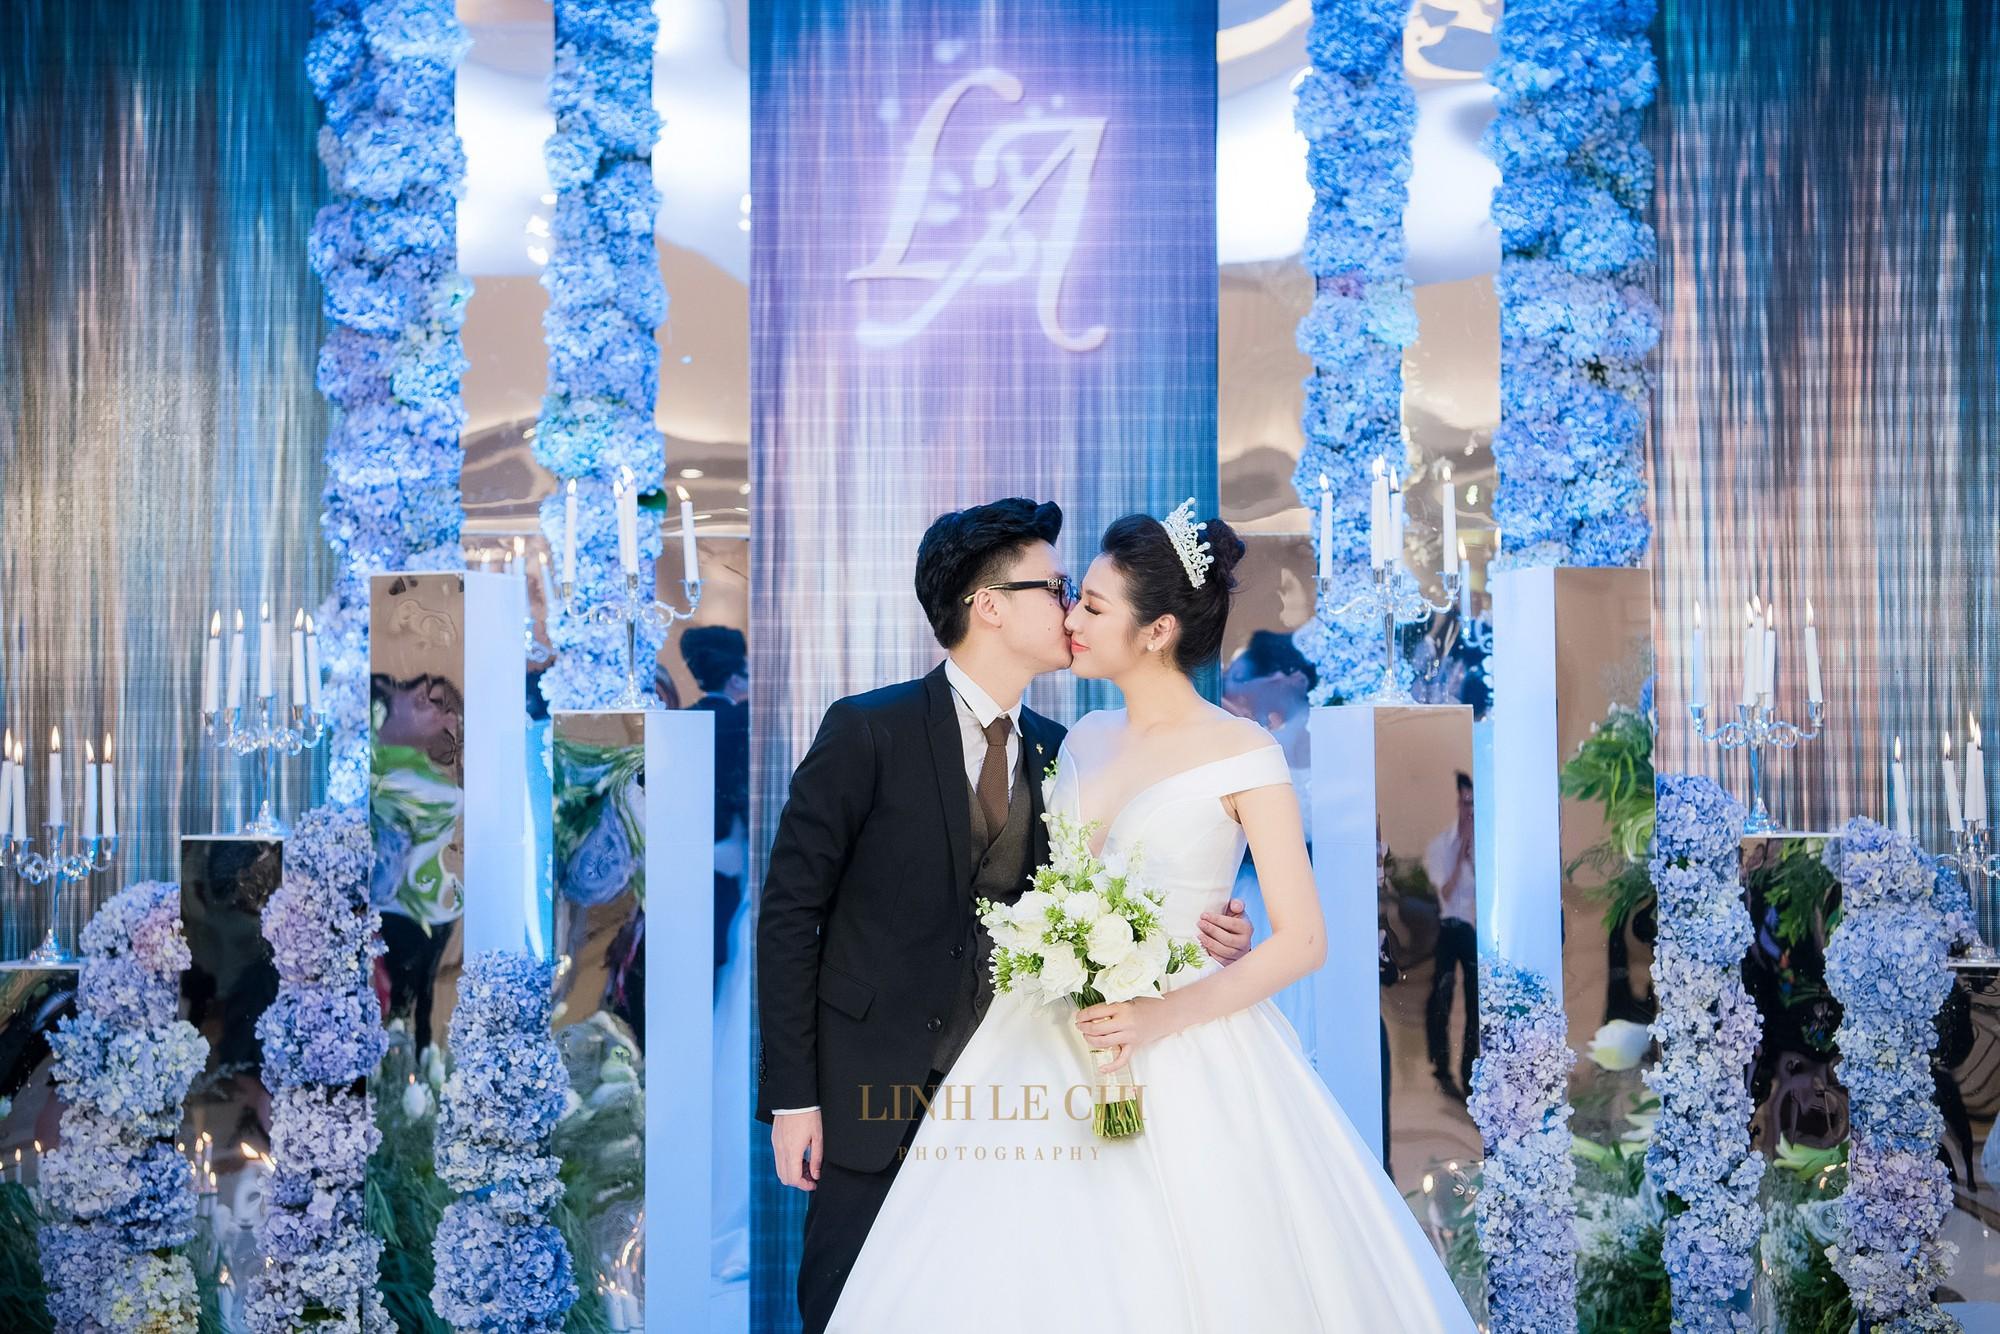 Ảnh đẹp: Á hậu Tú Anh nũng nịu ôm chặt ông xã trong tiệc cưới sang trọng ở Hà Nội - Ảnh 2.